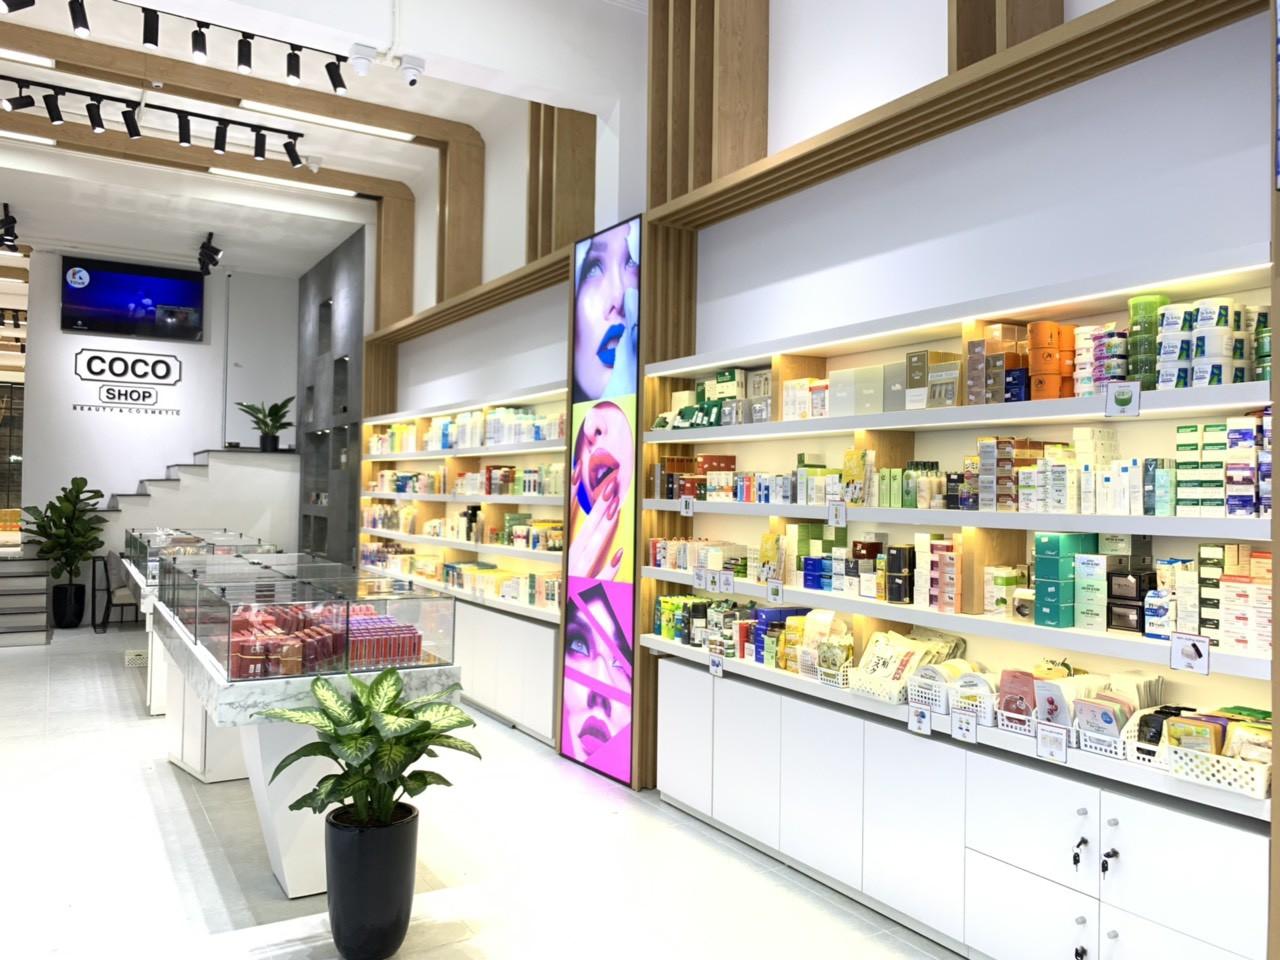 Phát sốt với Coco Shop 258 Bà Triệu – Thiên đường mỹ phẩm chính hãng tại Việt Nam, bật mí chương trình tặng son Tom Ford miễn phí - Ảnh 3.